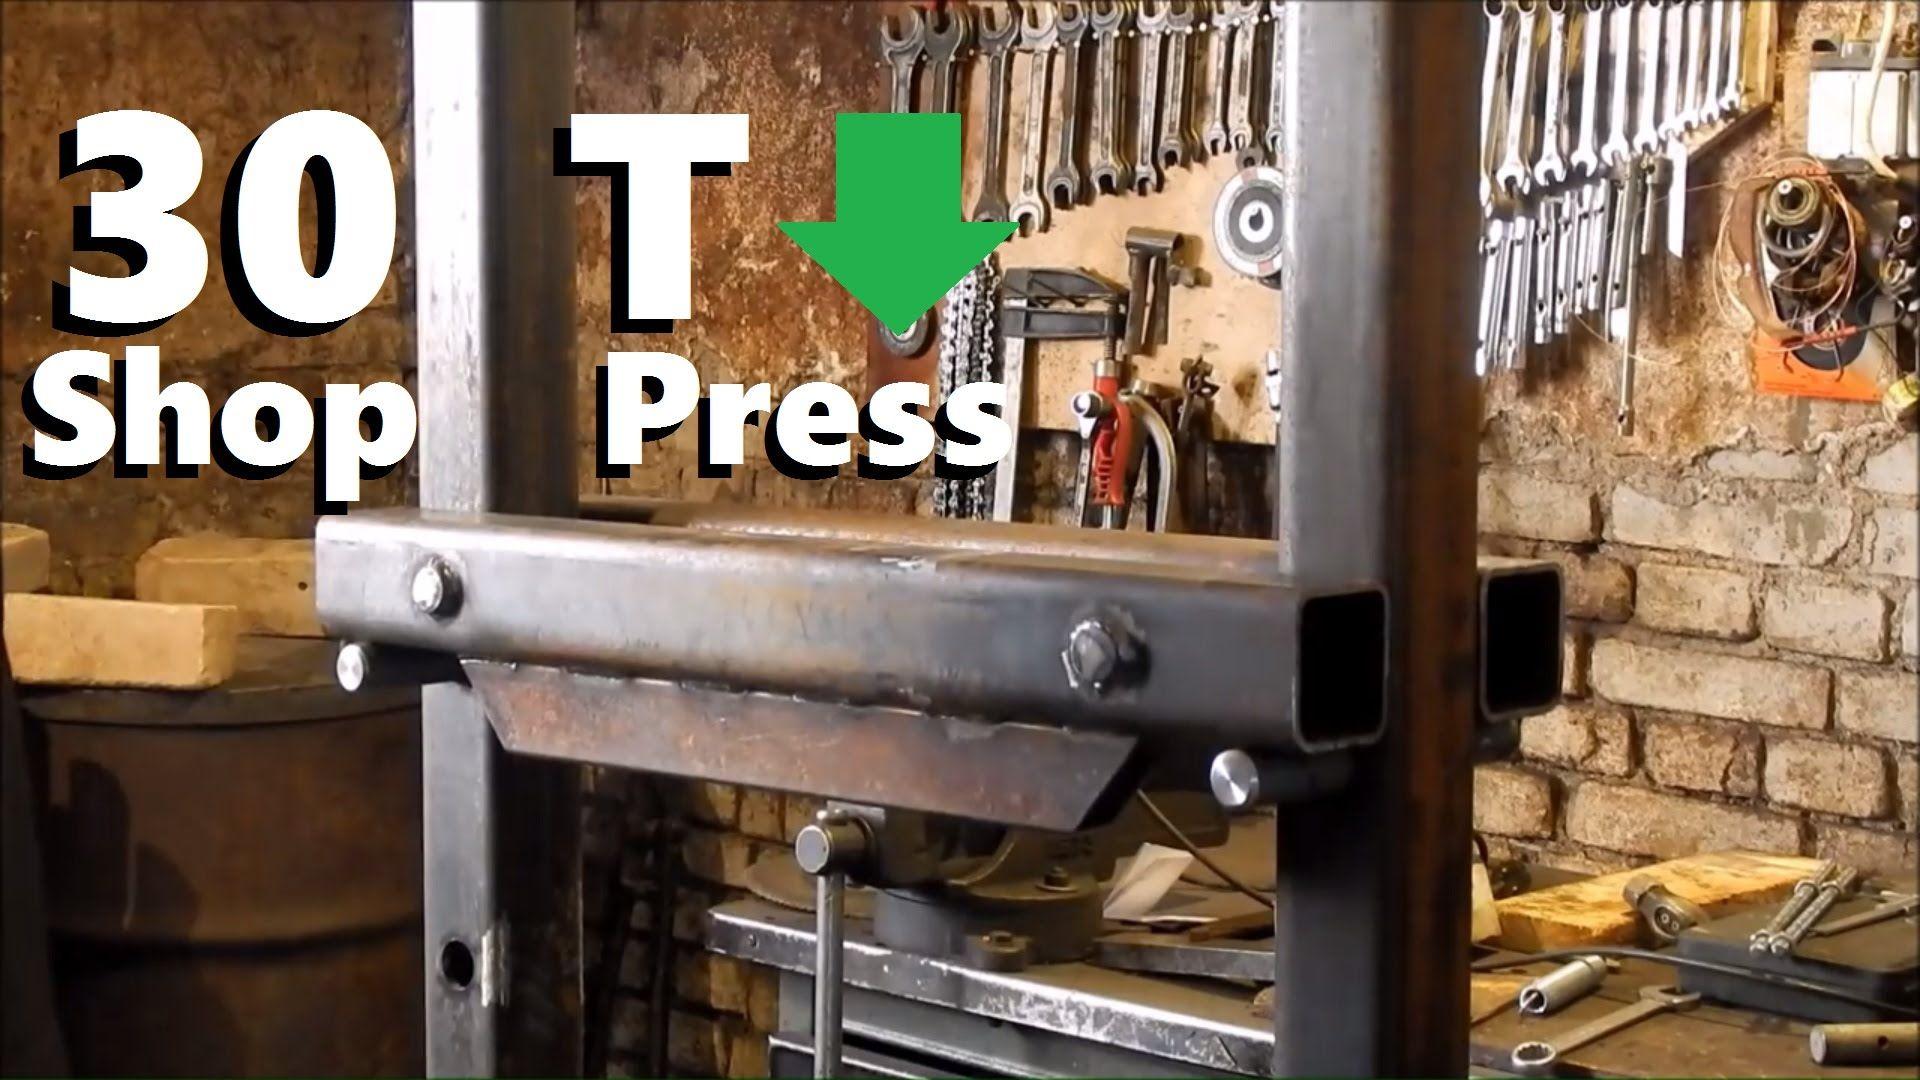 Diy 30 ton hydraulic shop press hydraulic shop press